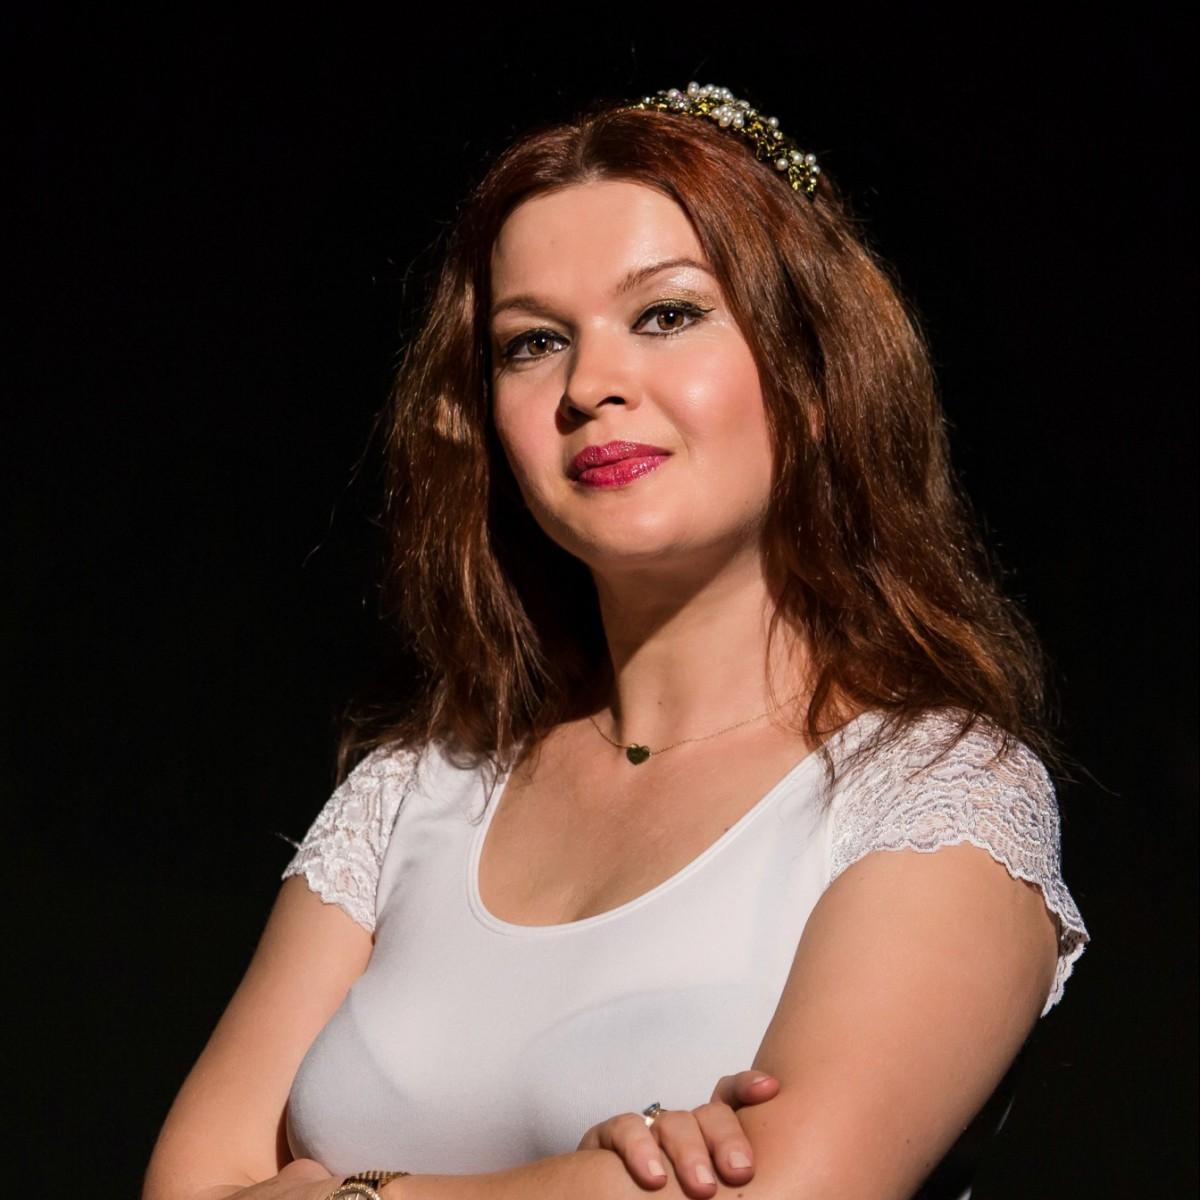 Claudia Păunescu